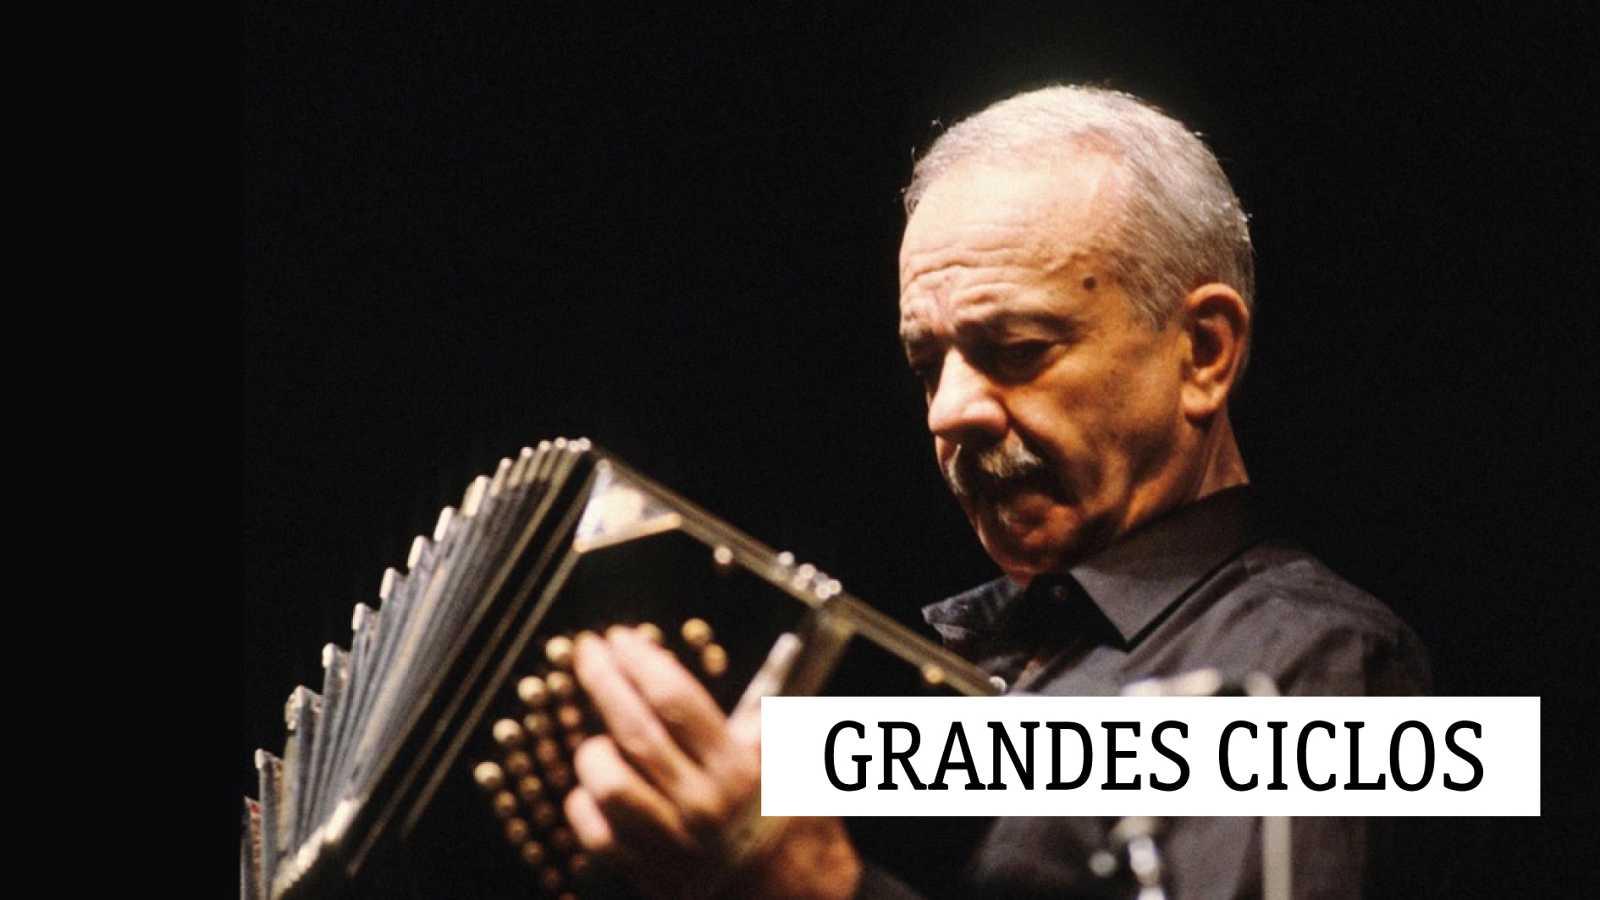 """Grandes ciclos - Recuerdo a Piazzolla (I): """"Quiero que rompamos con todo"""" - 03/05/21 - escuchar ahora"""